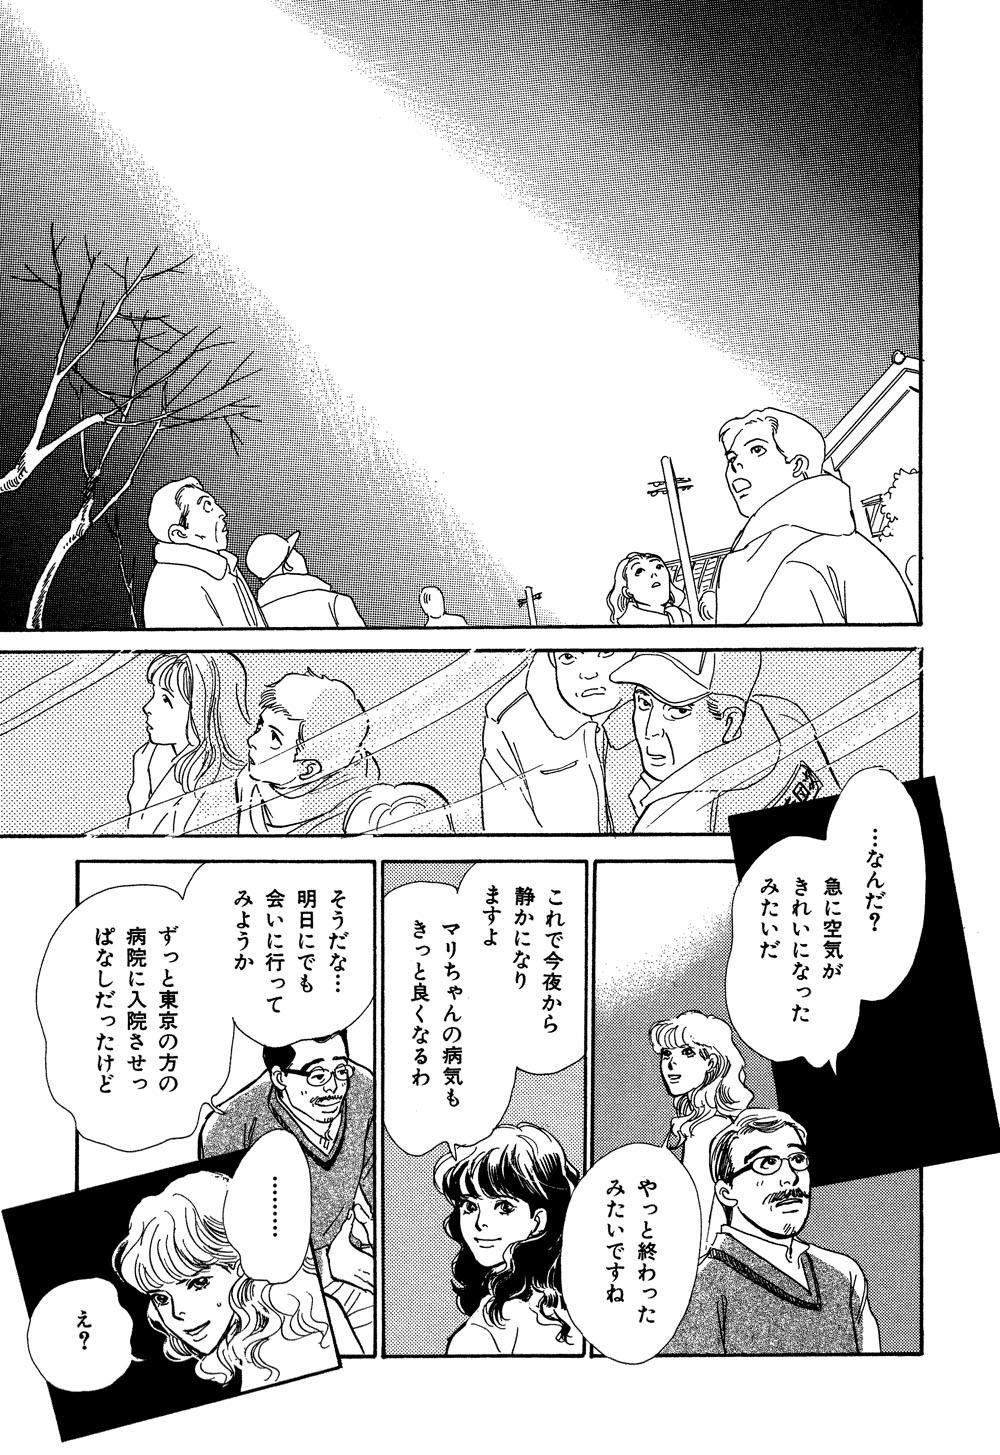 百鬼夜行抄_07_0055.jpg